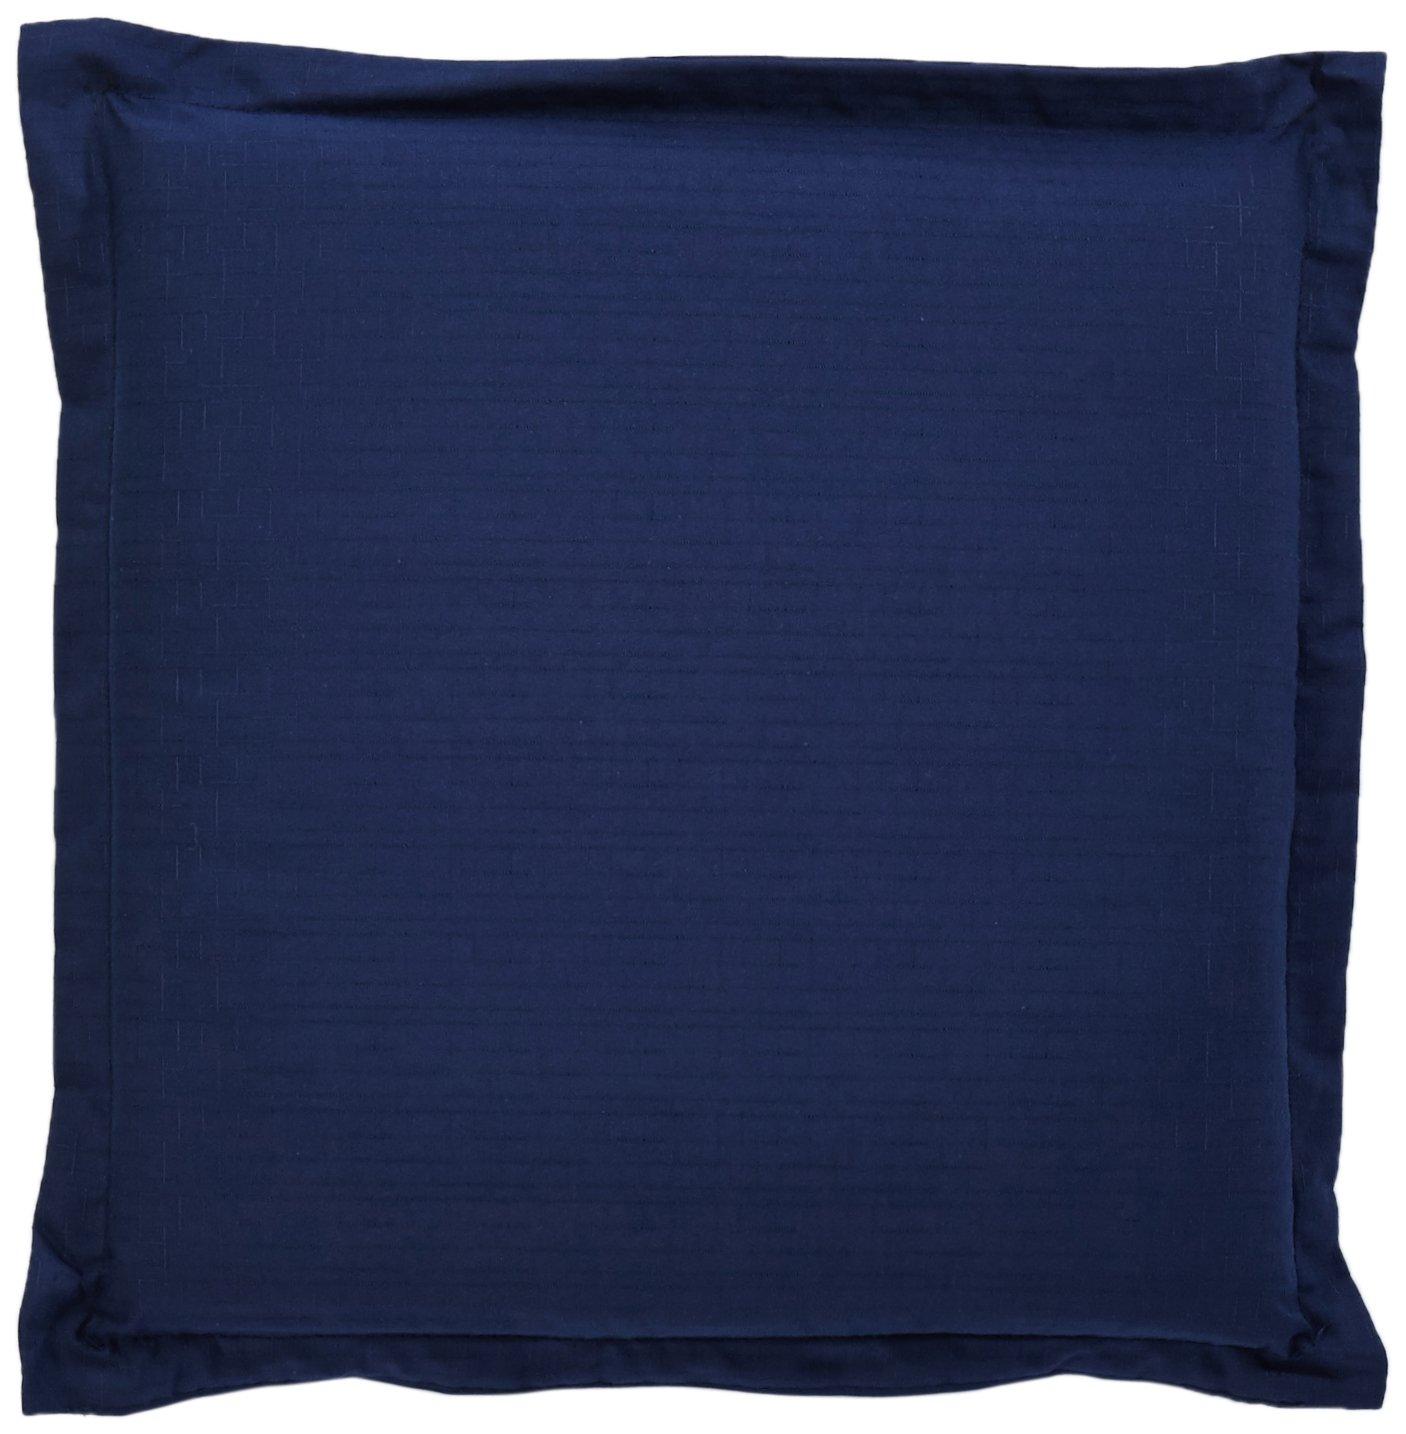 beo P109 Ascot BA1 Saumkissen für Hocker, Sessel oder Bänke circa 46 x 49 cm, circa 6 cm Dick kaufen